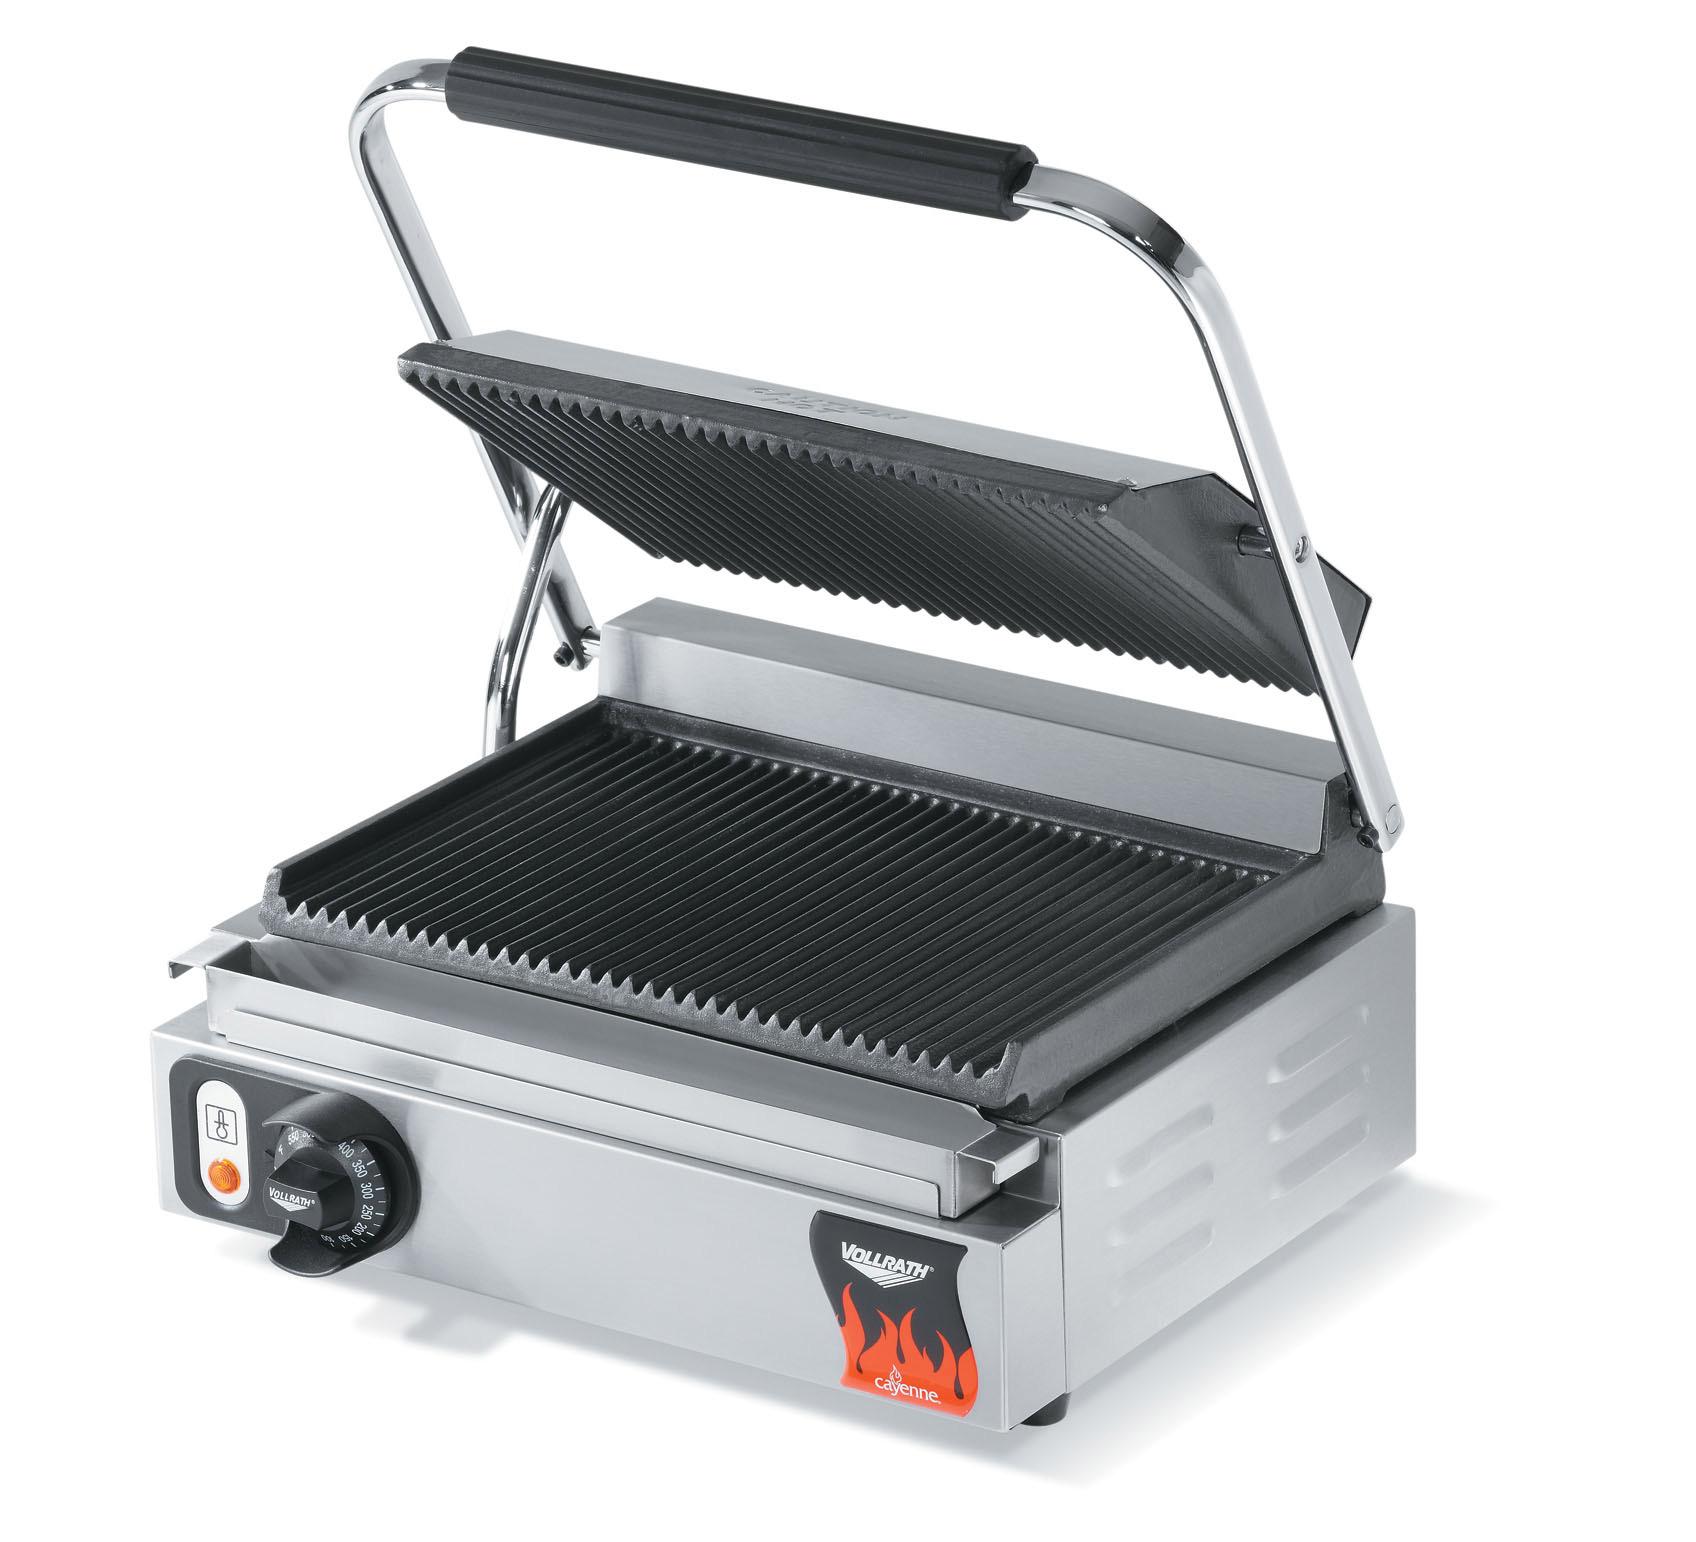 Vollrath 40794 sandwich / panini grill